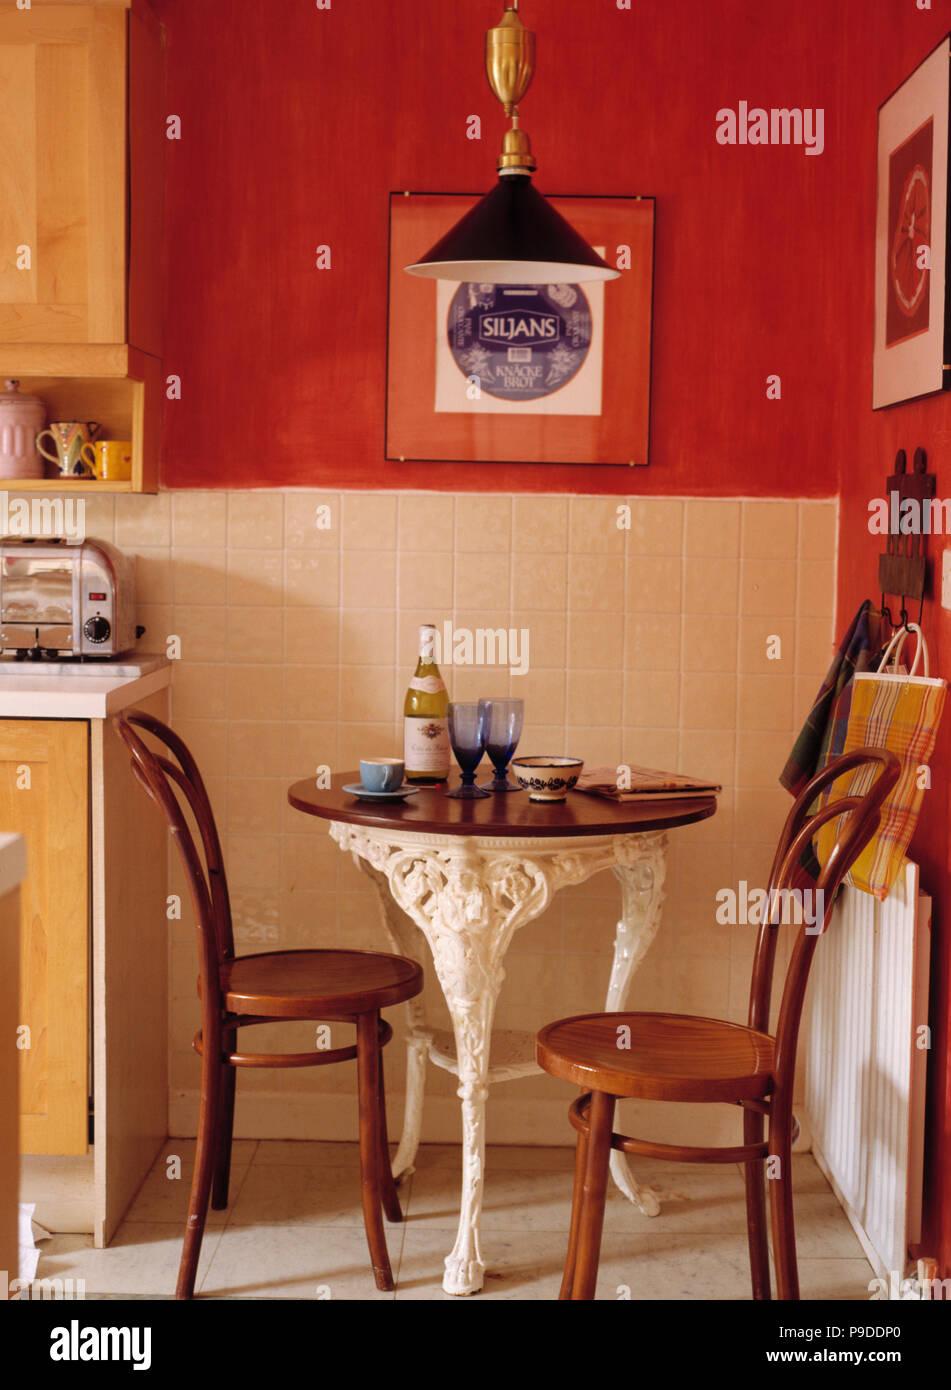 Bugholz Thonet Stühle und kleine Runde im Viktorianischen Stil Tisch ...